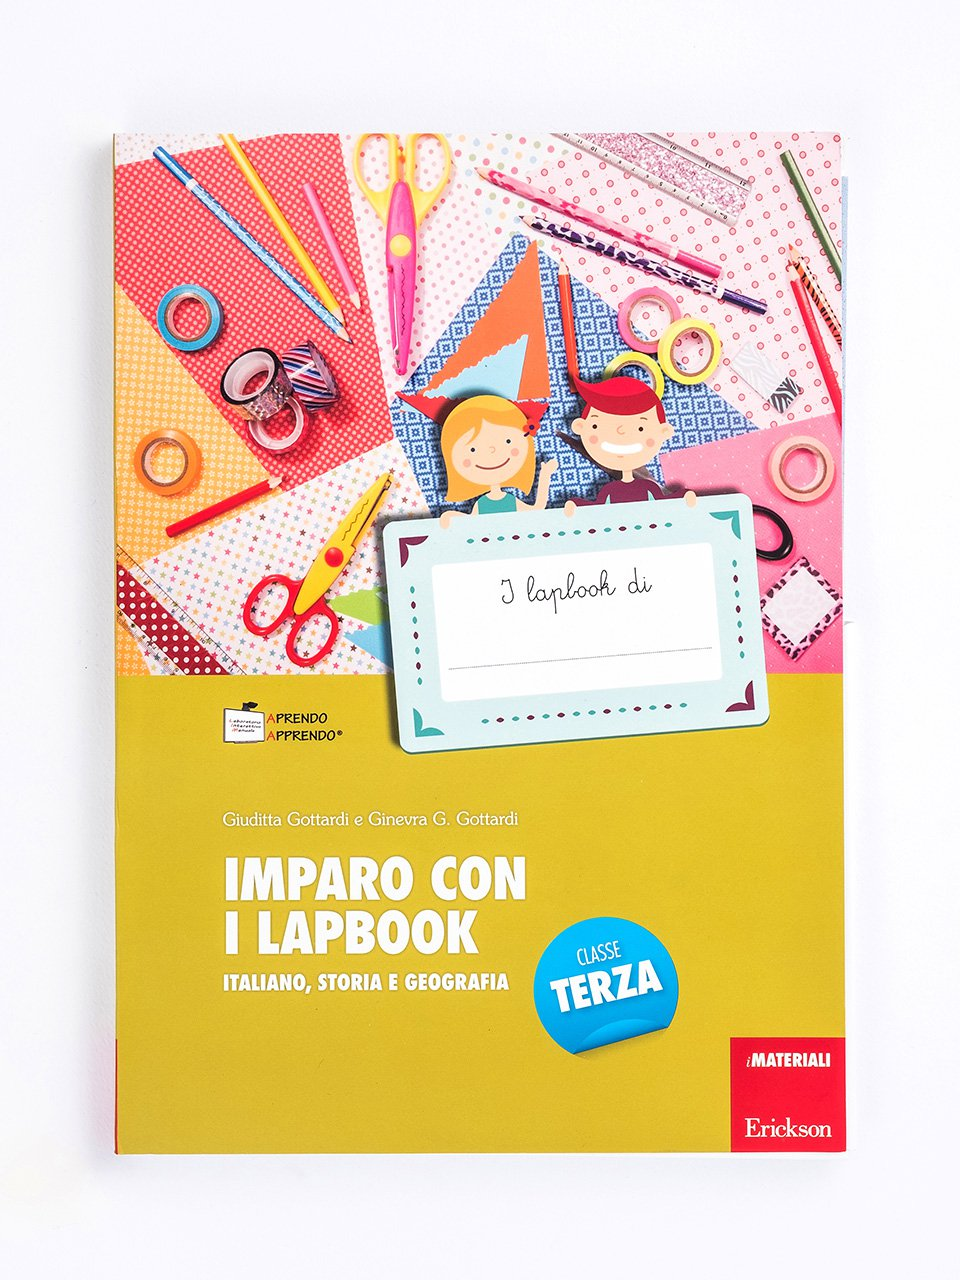 Imparo con i lapbook - Italiano, storia e geografia - Classe terza - Come imparare e studiare meglio con i lapbook - Erickson